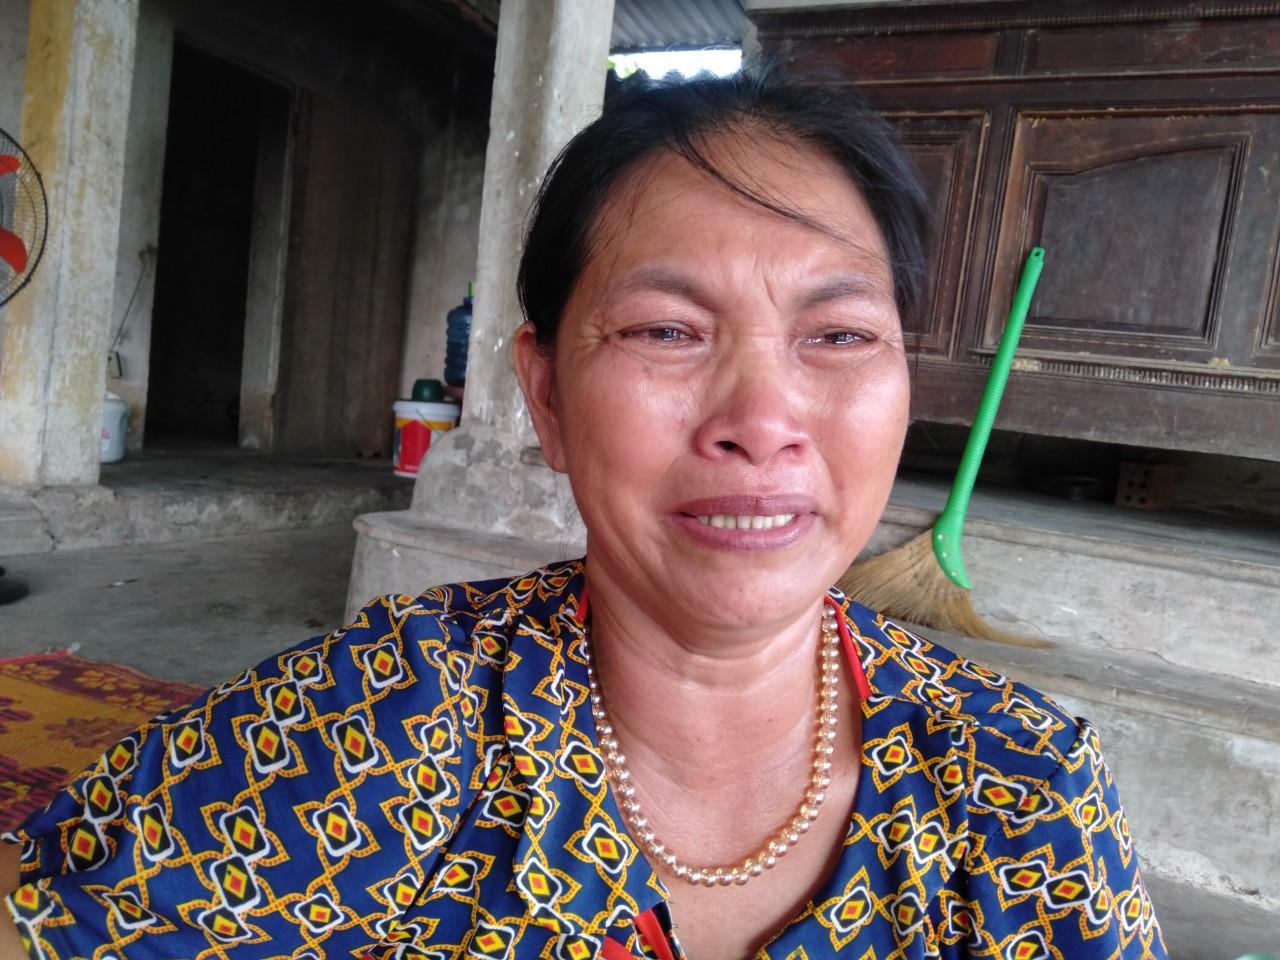 Không cam chịu con gái 3 tuổi chết mòn vì bệnh tật, vợ chồng nghèo sang Lào nhặt phế liệu kiếm tiền chữa bệnh cho con - Ảnh 6.